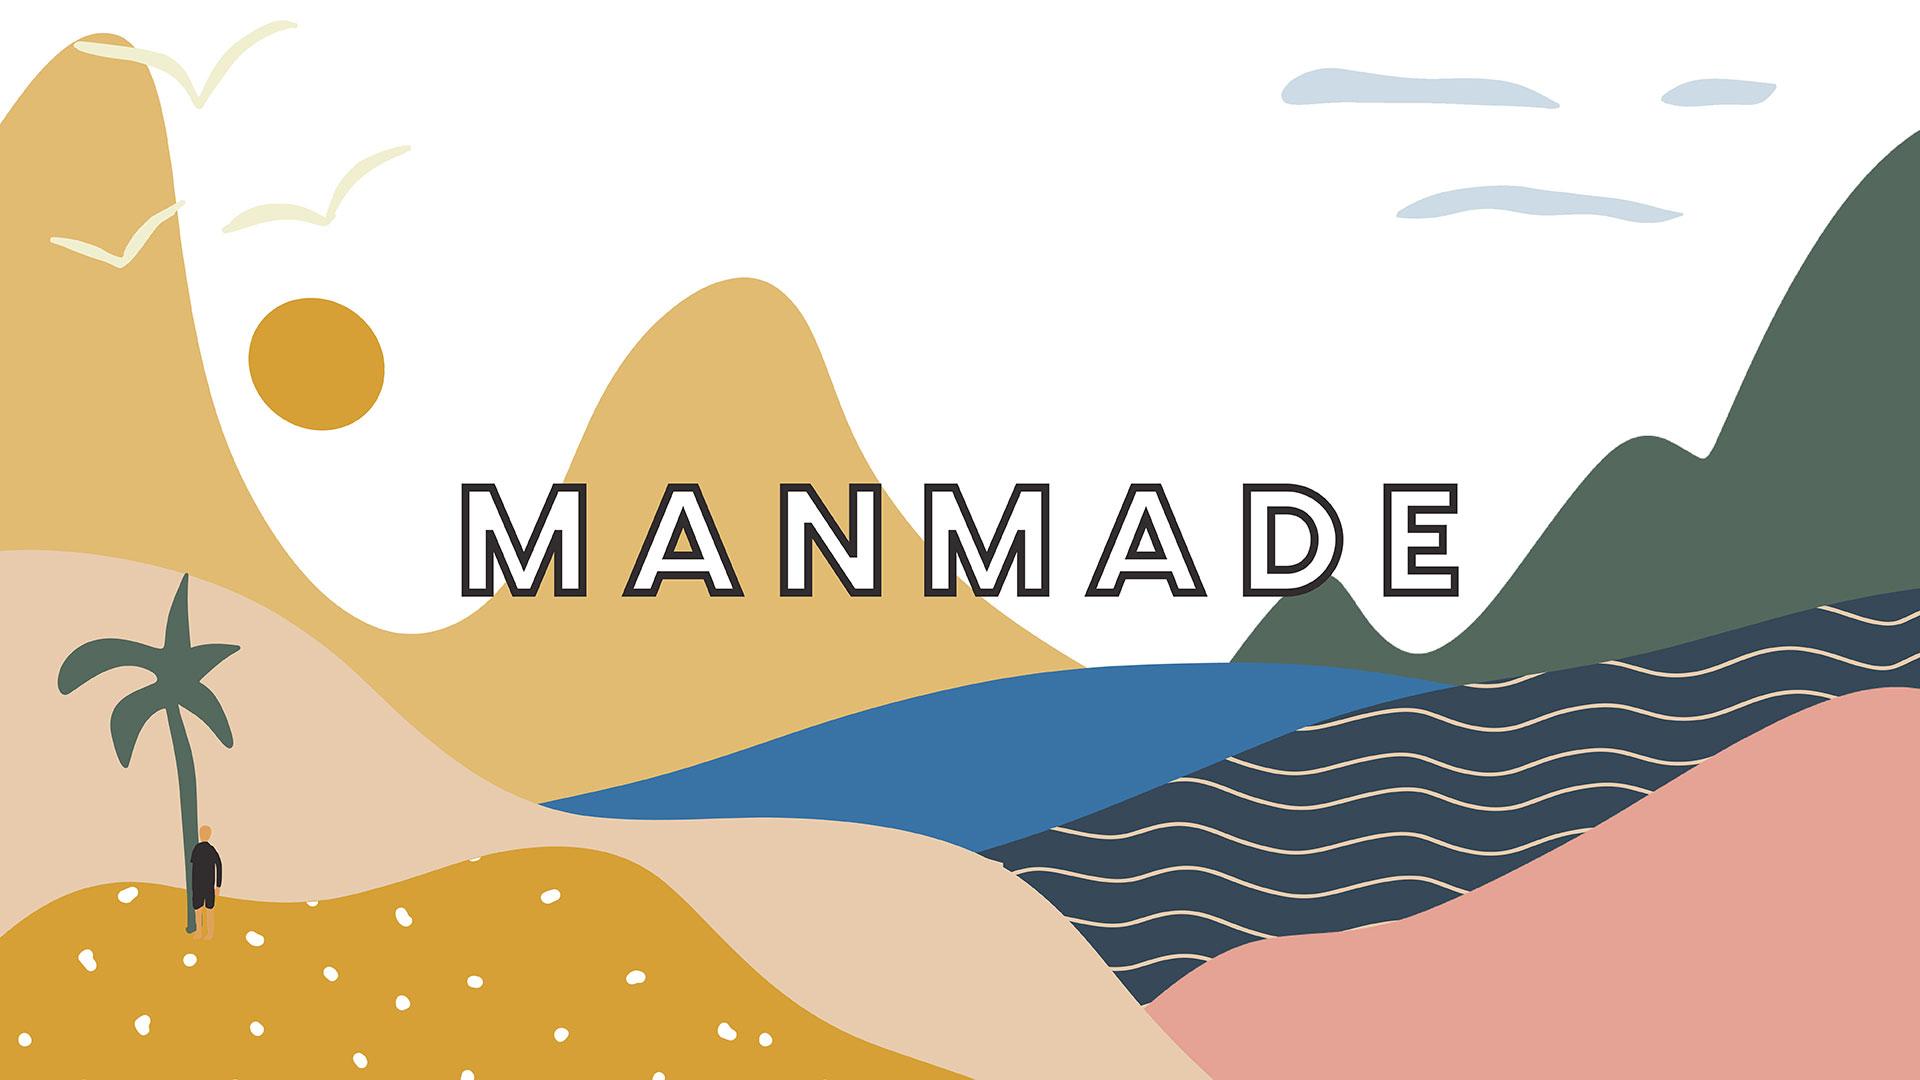 Series: Manmade